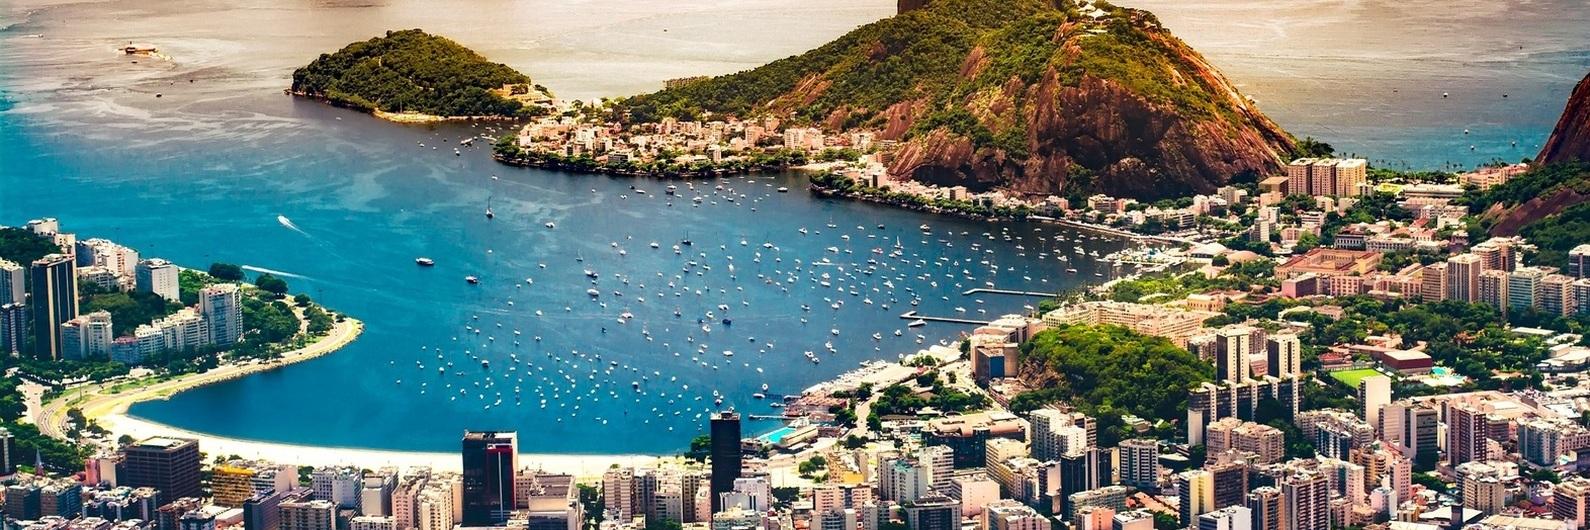 Rio de Janeiro, a cidade maravilhosa para umas férias com muito sol